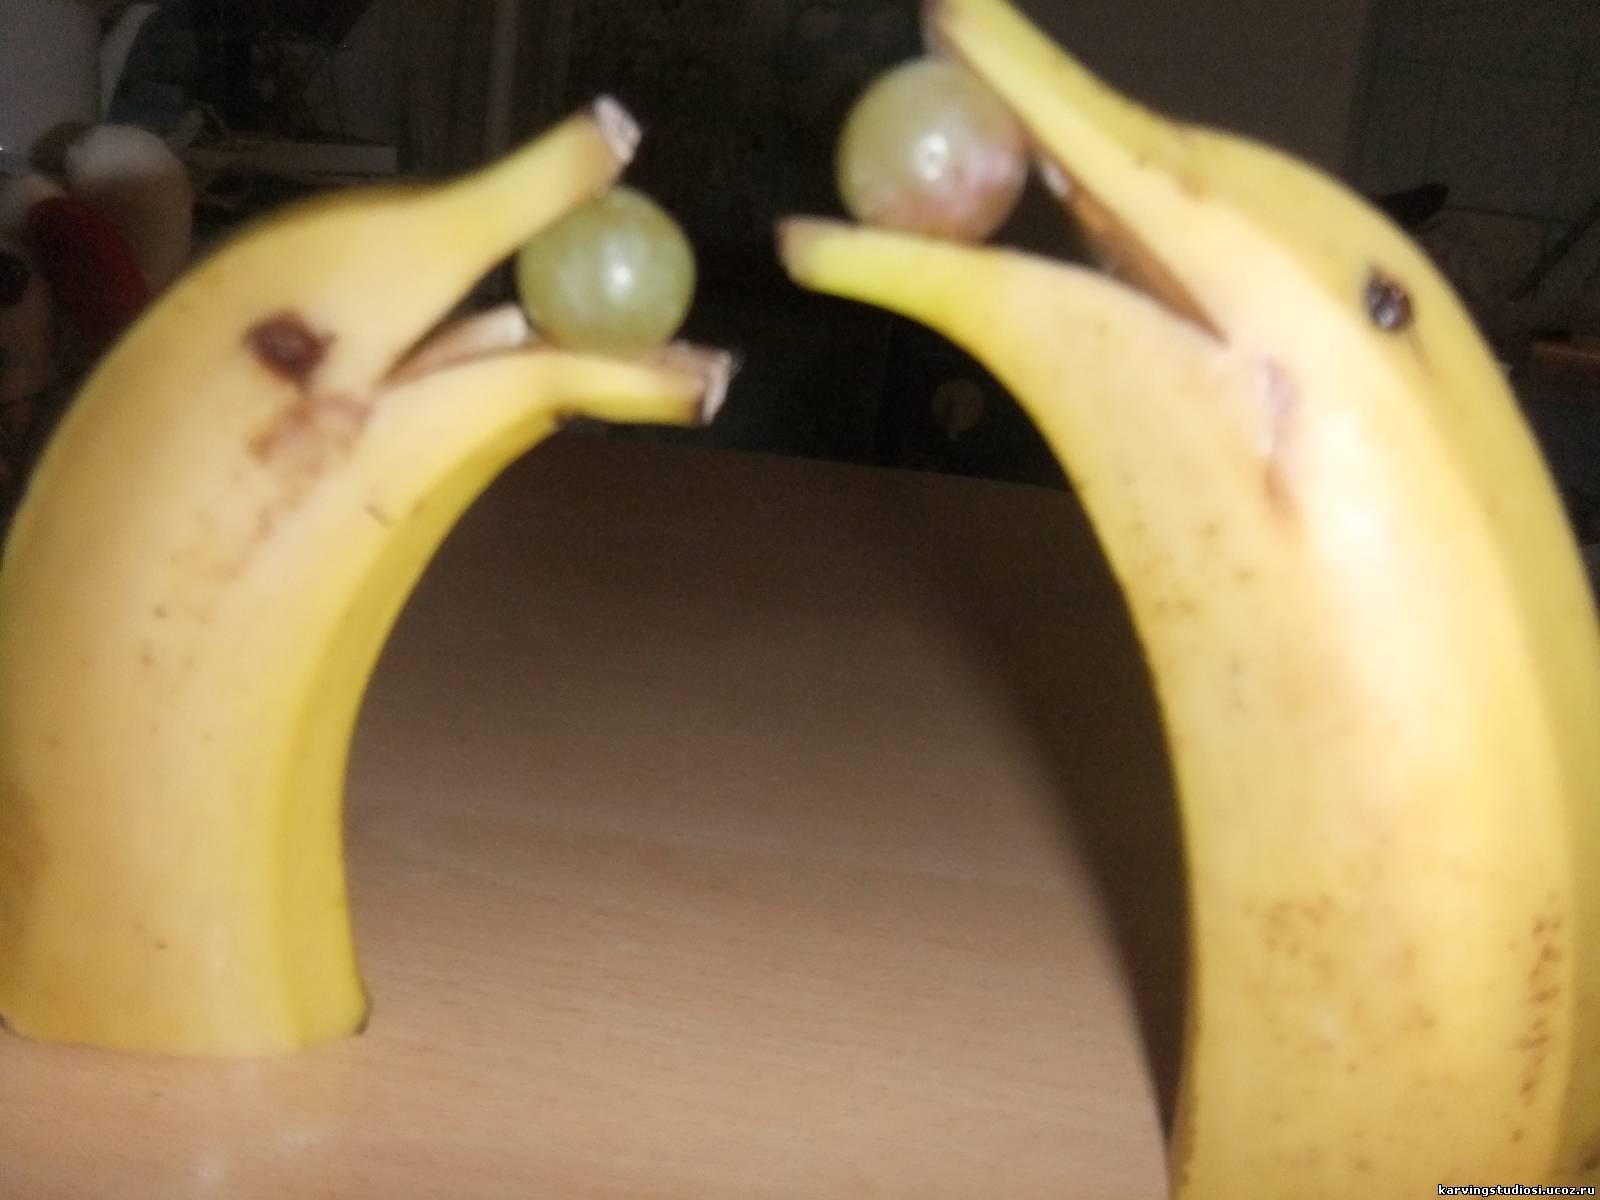 Как из банана сделать дельфина фото